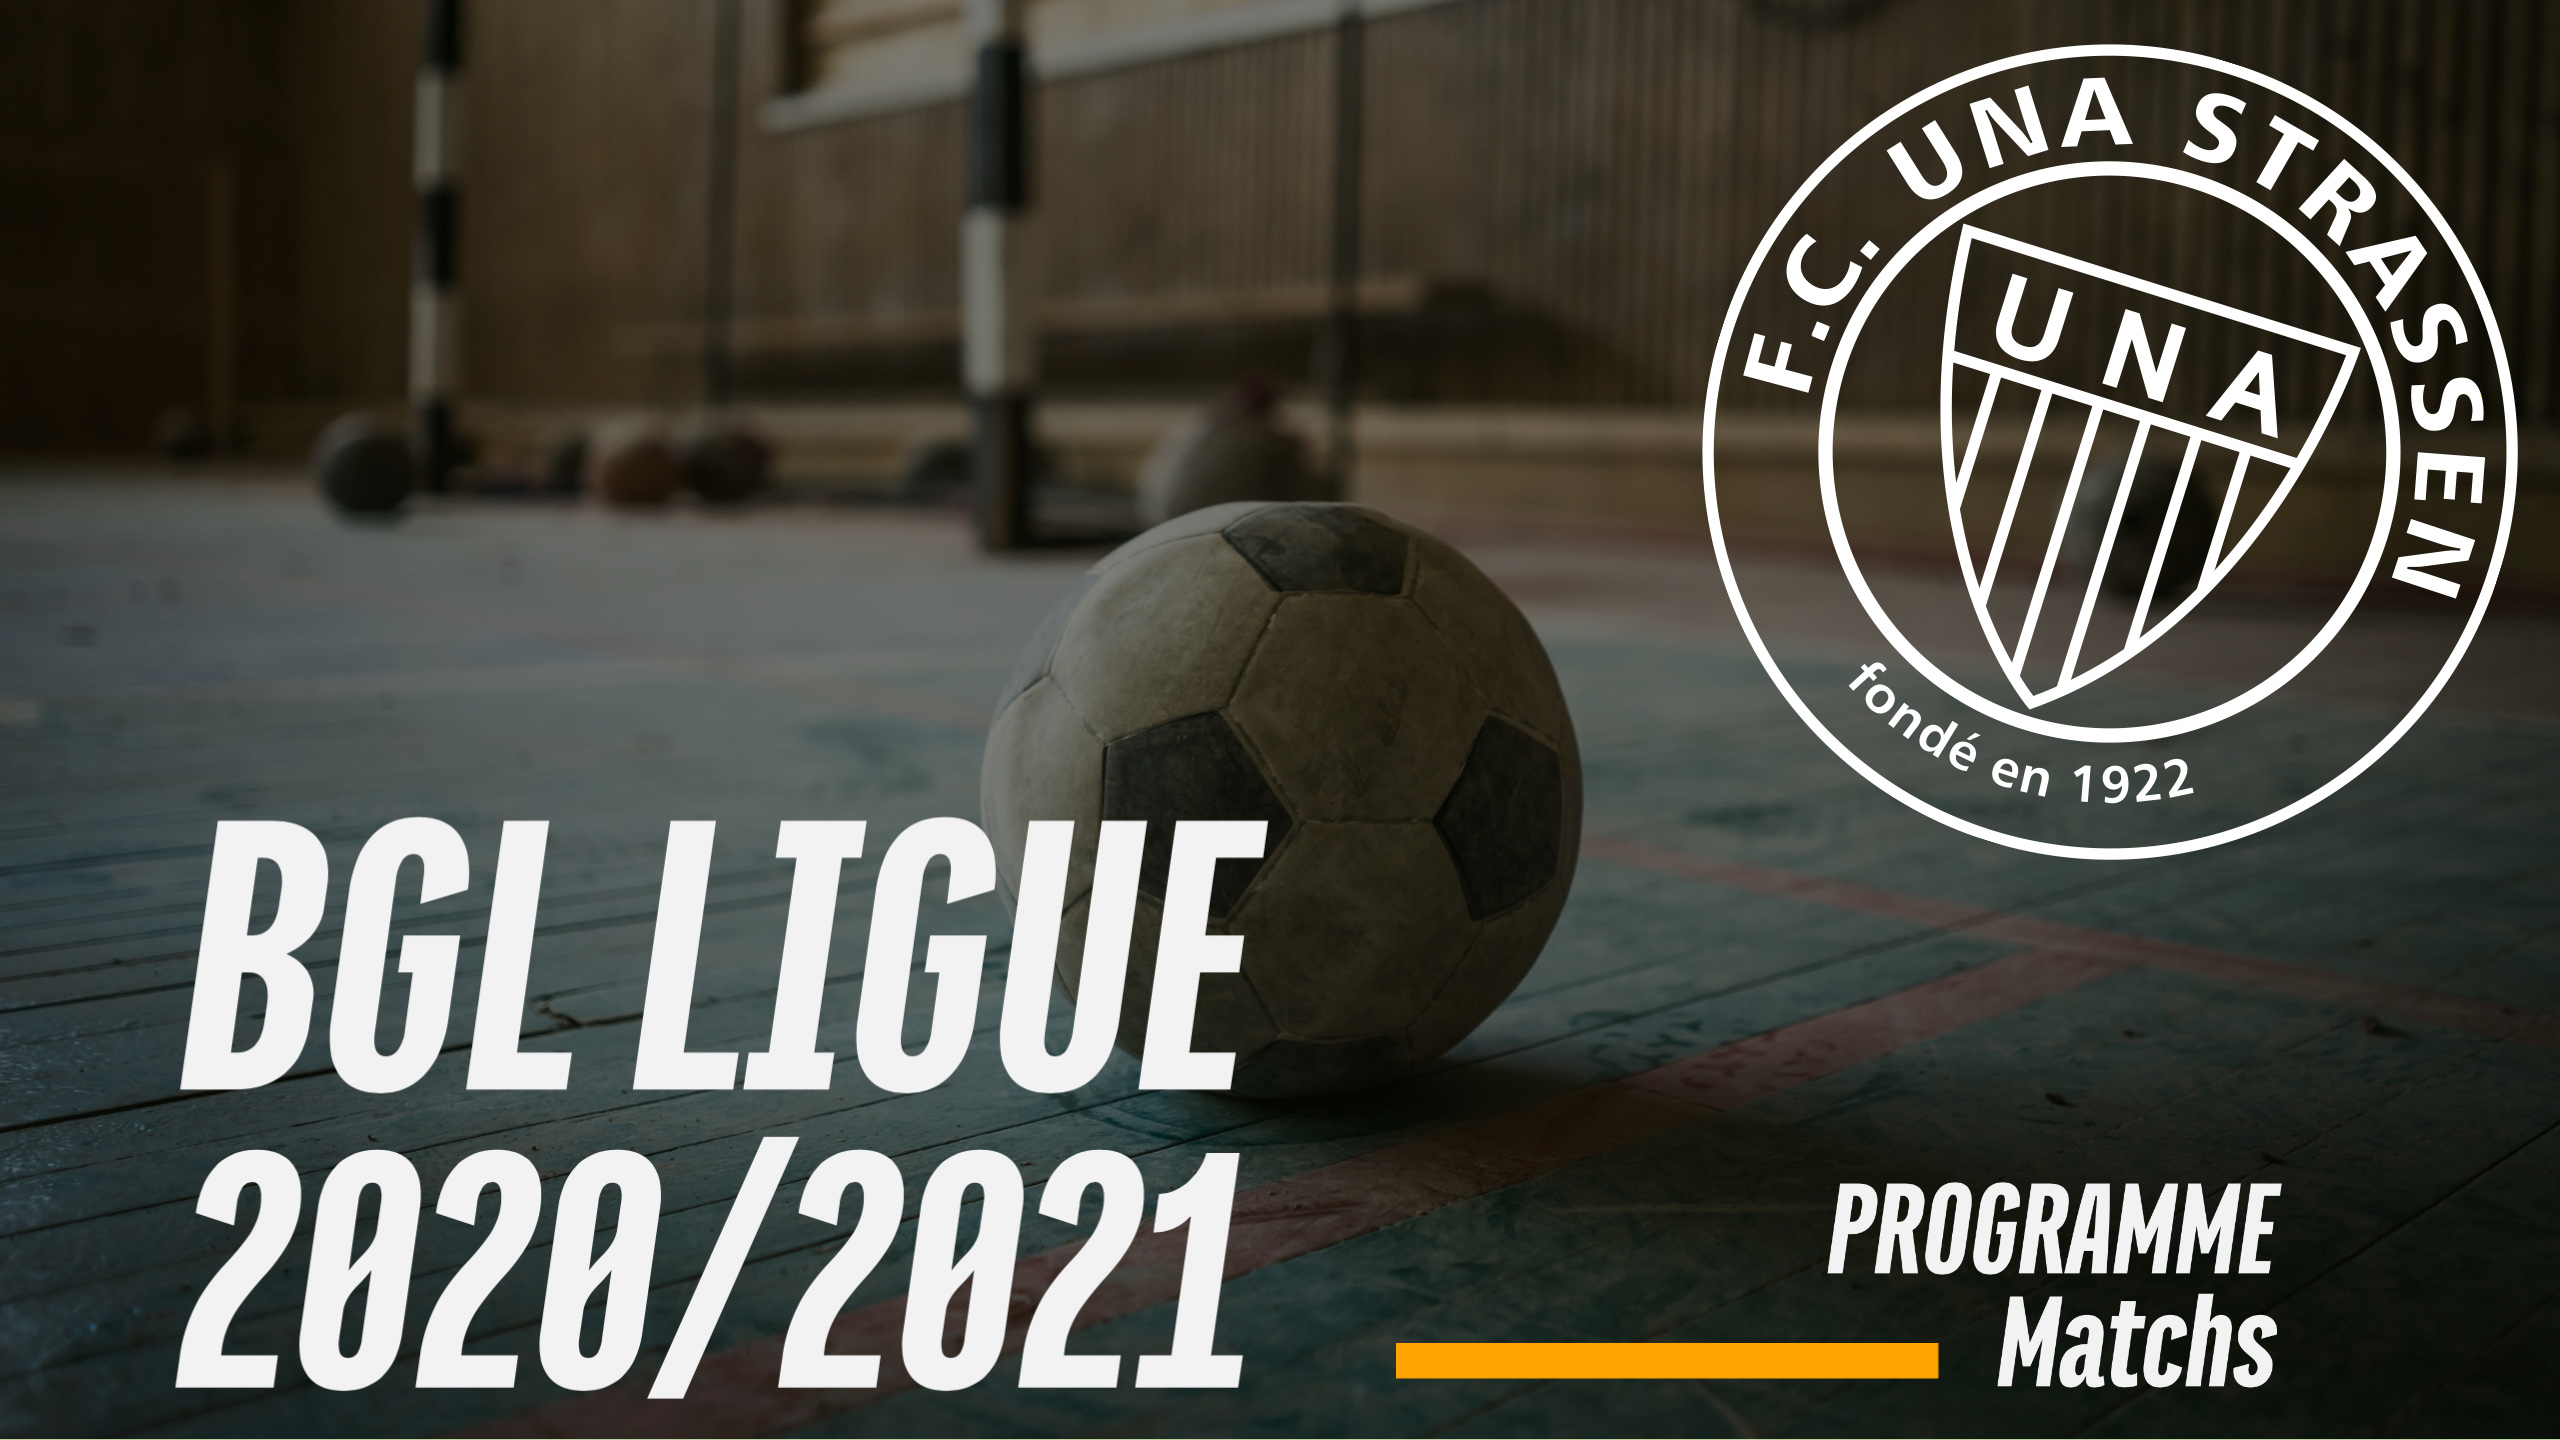 Calendrier BGL Ligue 2020/2021